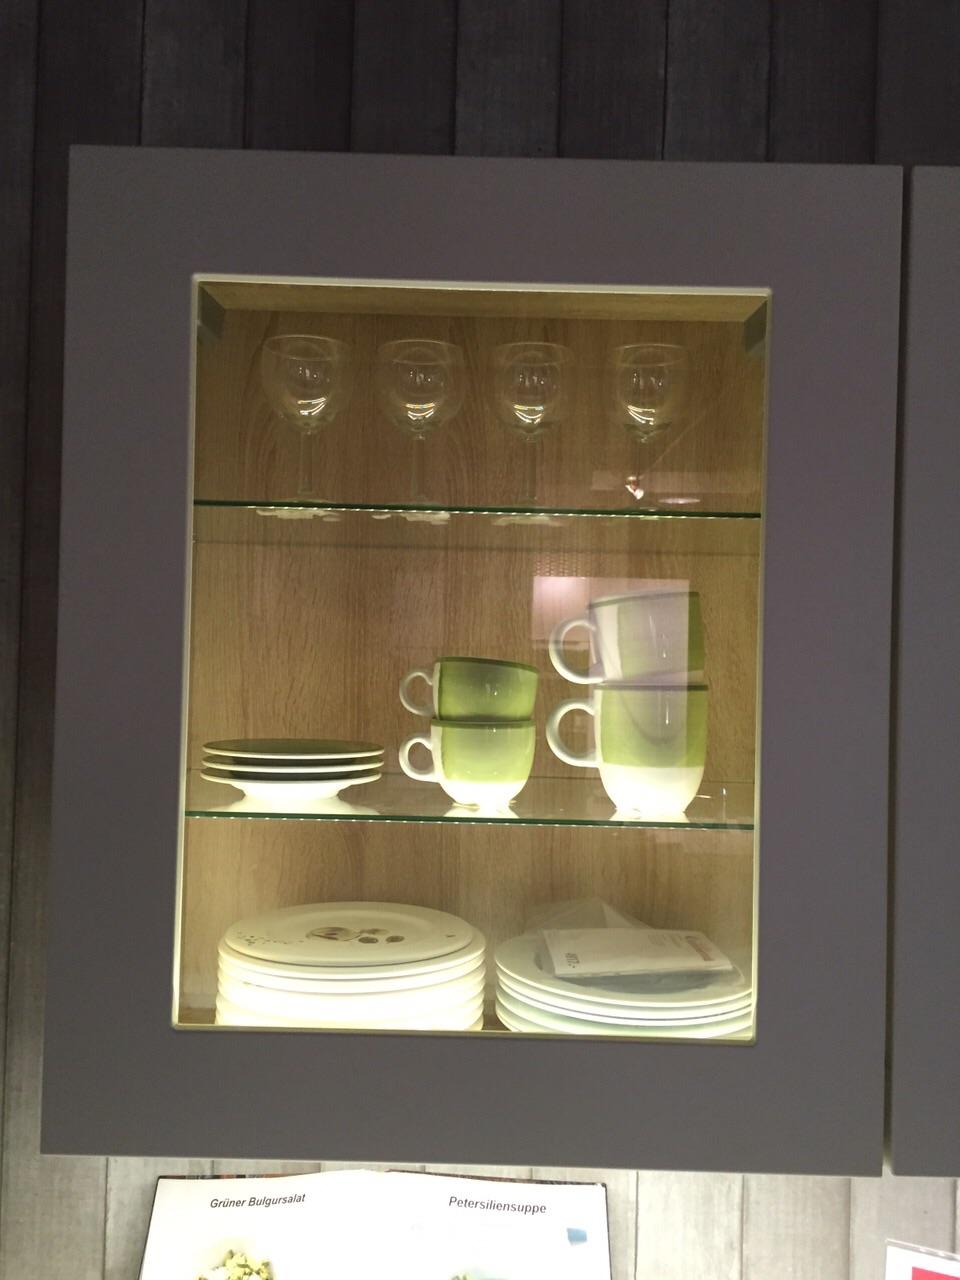 Full Size of Hngeschrank Kche Falttr Einstellen Glas Schwarz Milchglas Wei Poco Küche Tapeten Für Die Stengel Miniküche Esstisch Hängeschrank Höhe Modern Weiss Wohnzimmer Glas Hängeschrank Küche